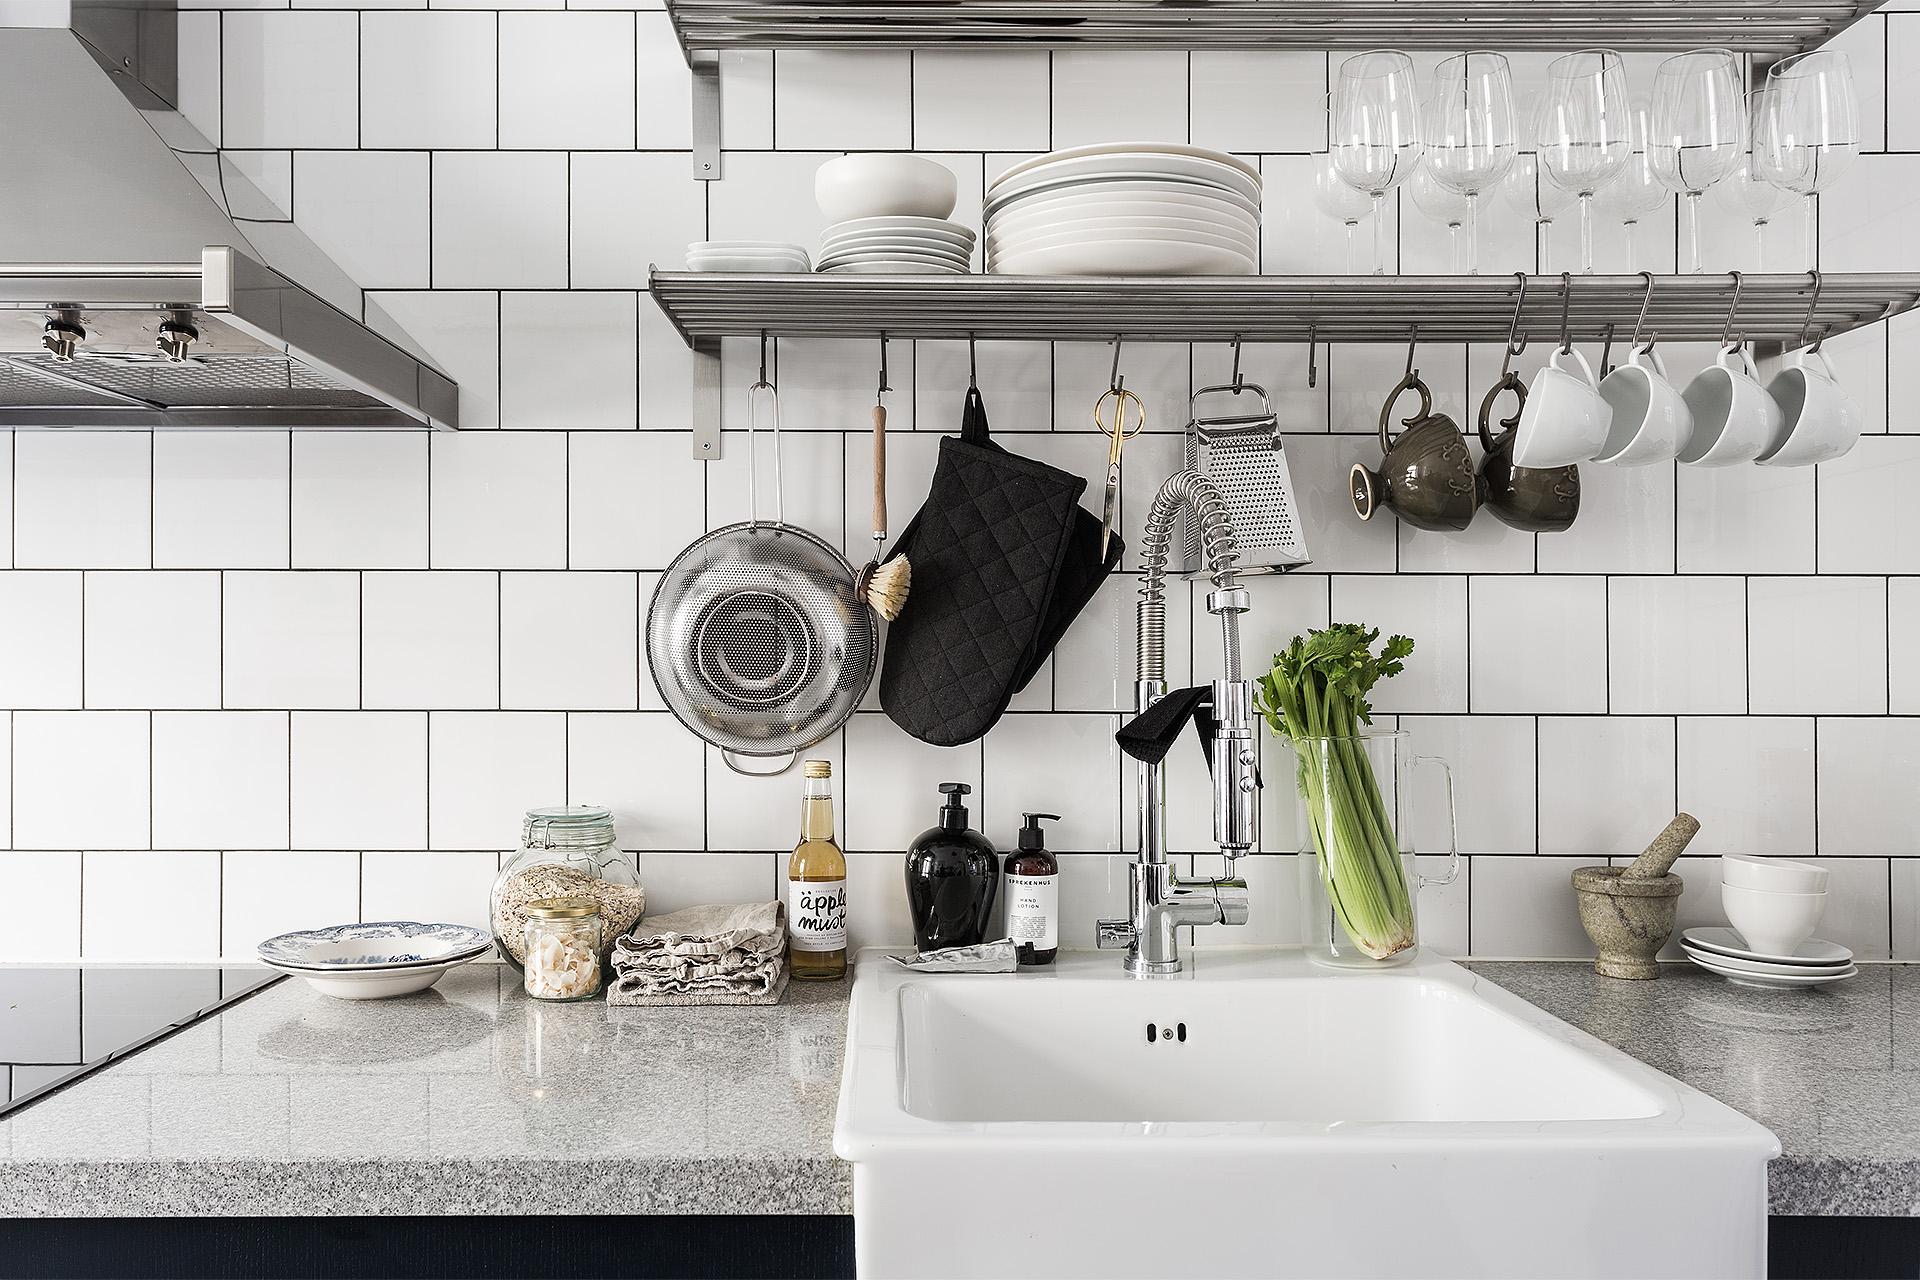 Keuken Open Tegels : Blauwe keuken met witte wandtegels homease